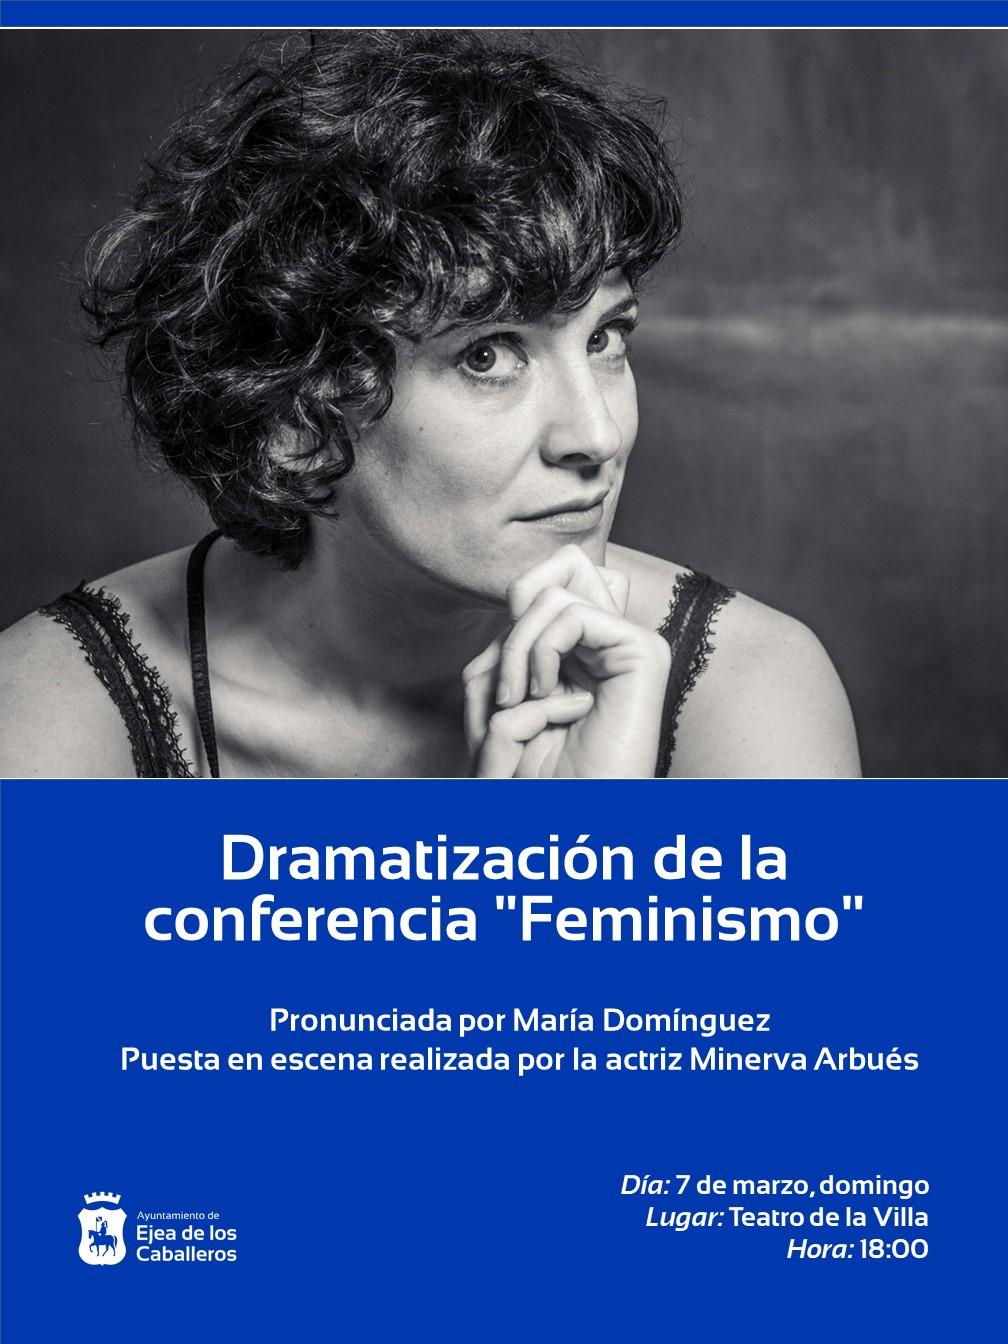 La actriz ejeana Minerva Arbués pondrá en escena una adaptación de las conferencias de María Domínguez recogidas en su libro «Opiniones de Mujeres».